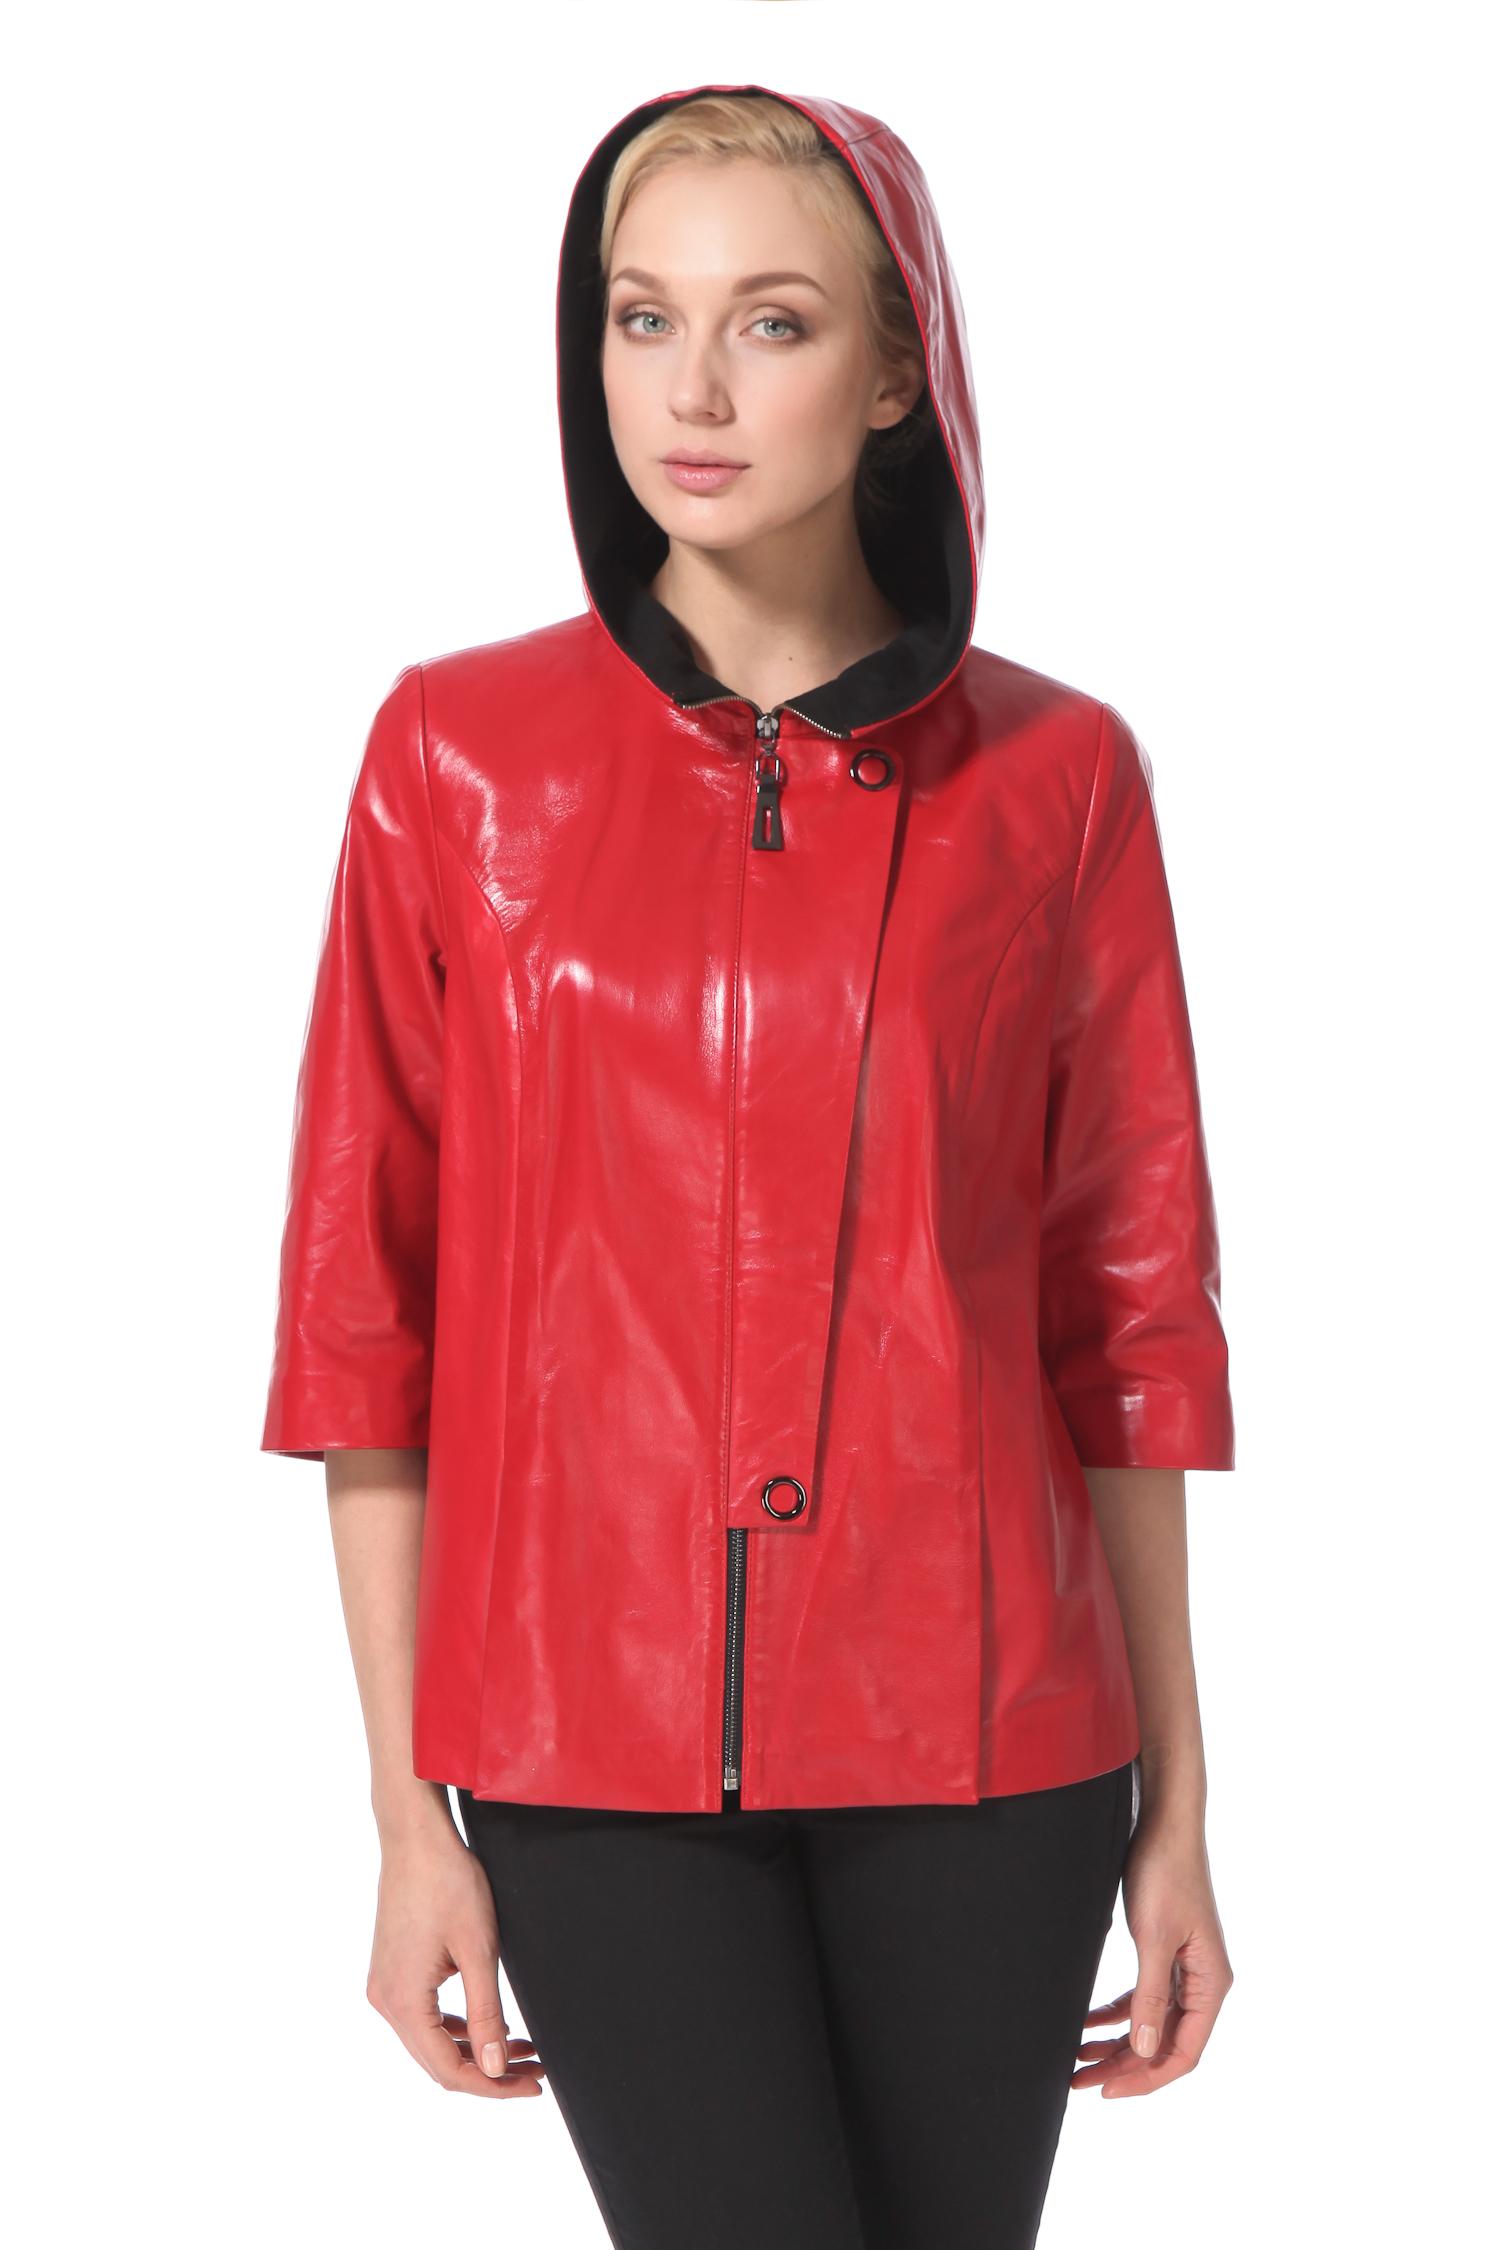 Женская кожаная куртка из натуральной кожи с капюшоном, без отделки. Производитель: Московская Меховая Компания, артикул: 4594